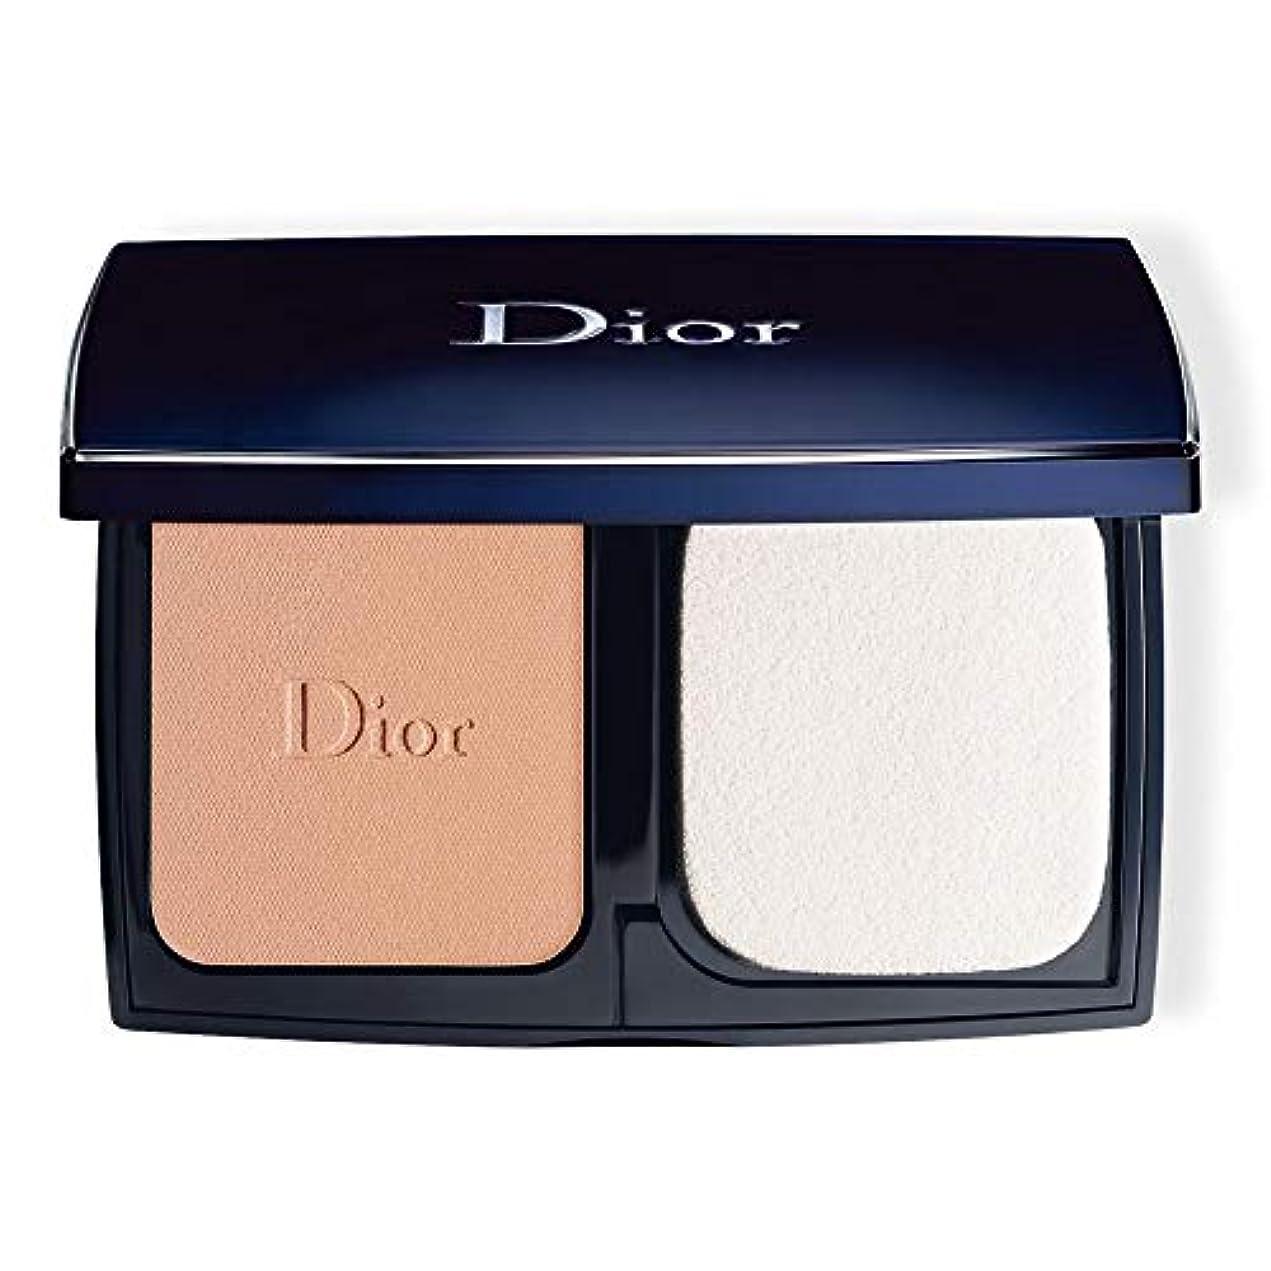 閉じ込める医学変更クリスチャンディオール Diorskin Forever Extreme Control Perfect Matte Powder Makeup SPF 20 - # 032 Rosy Beige 9g/0.31oz並行輸入品